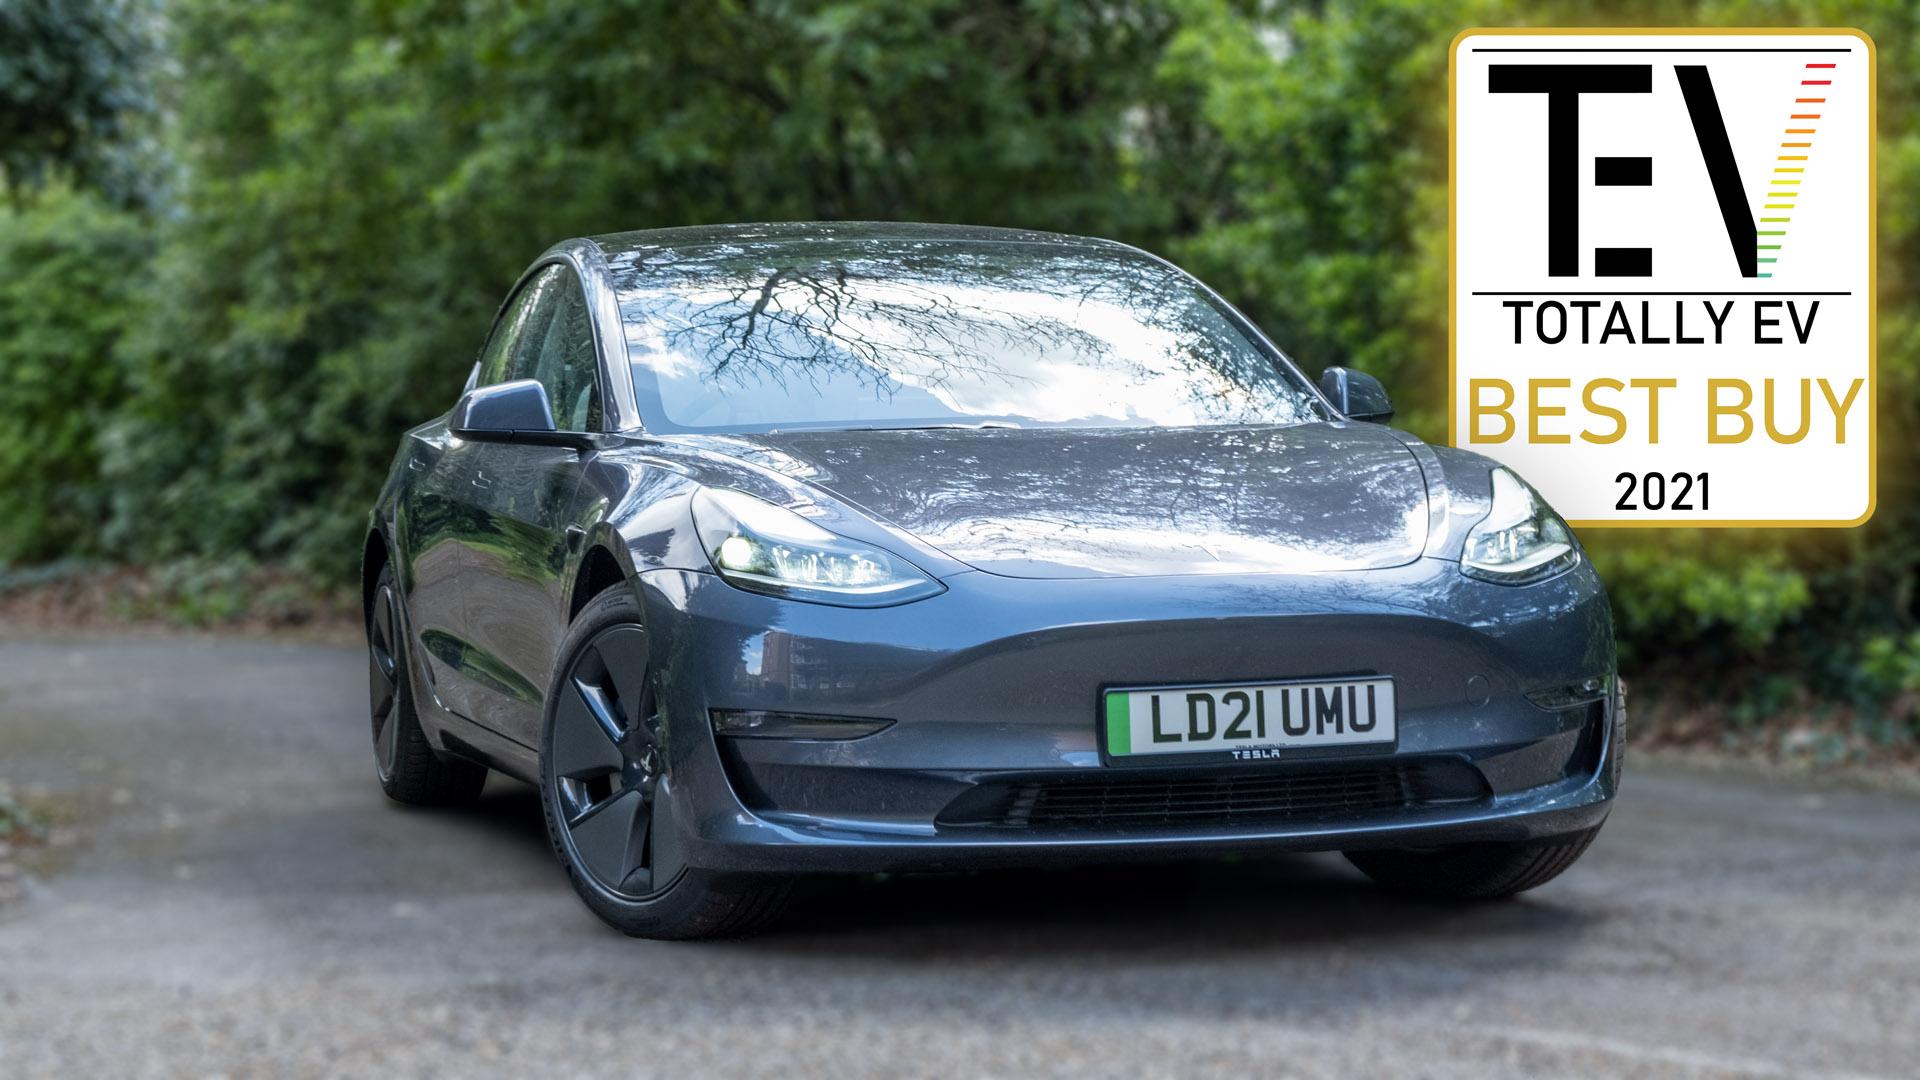 Tesla Model 3 award